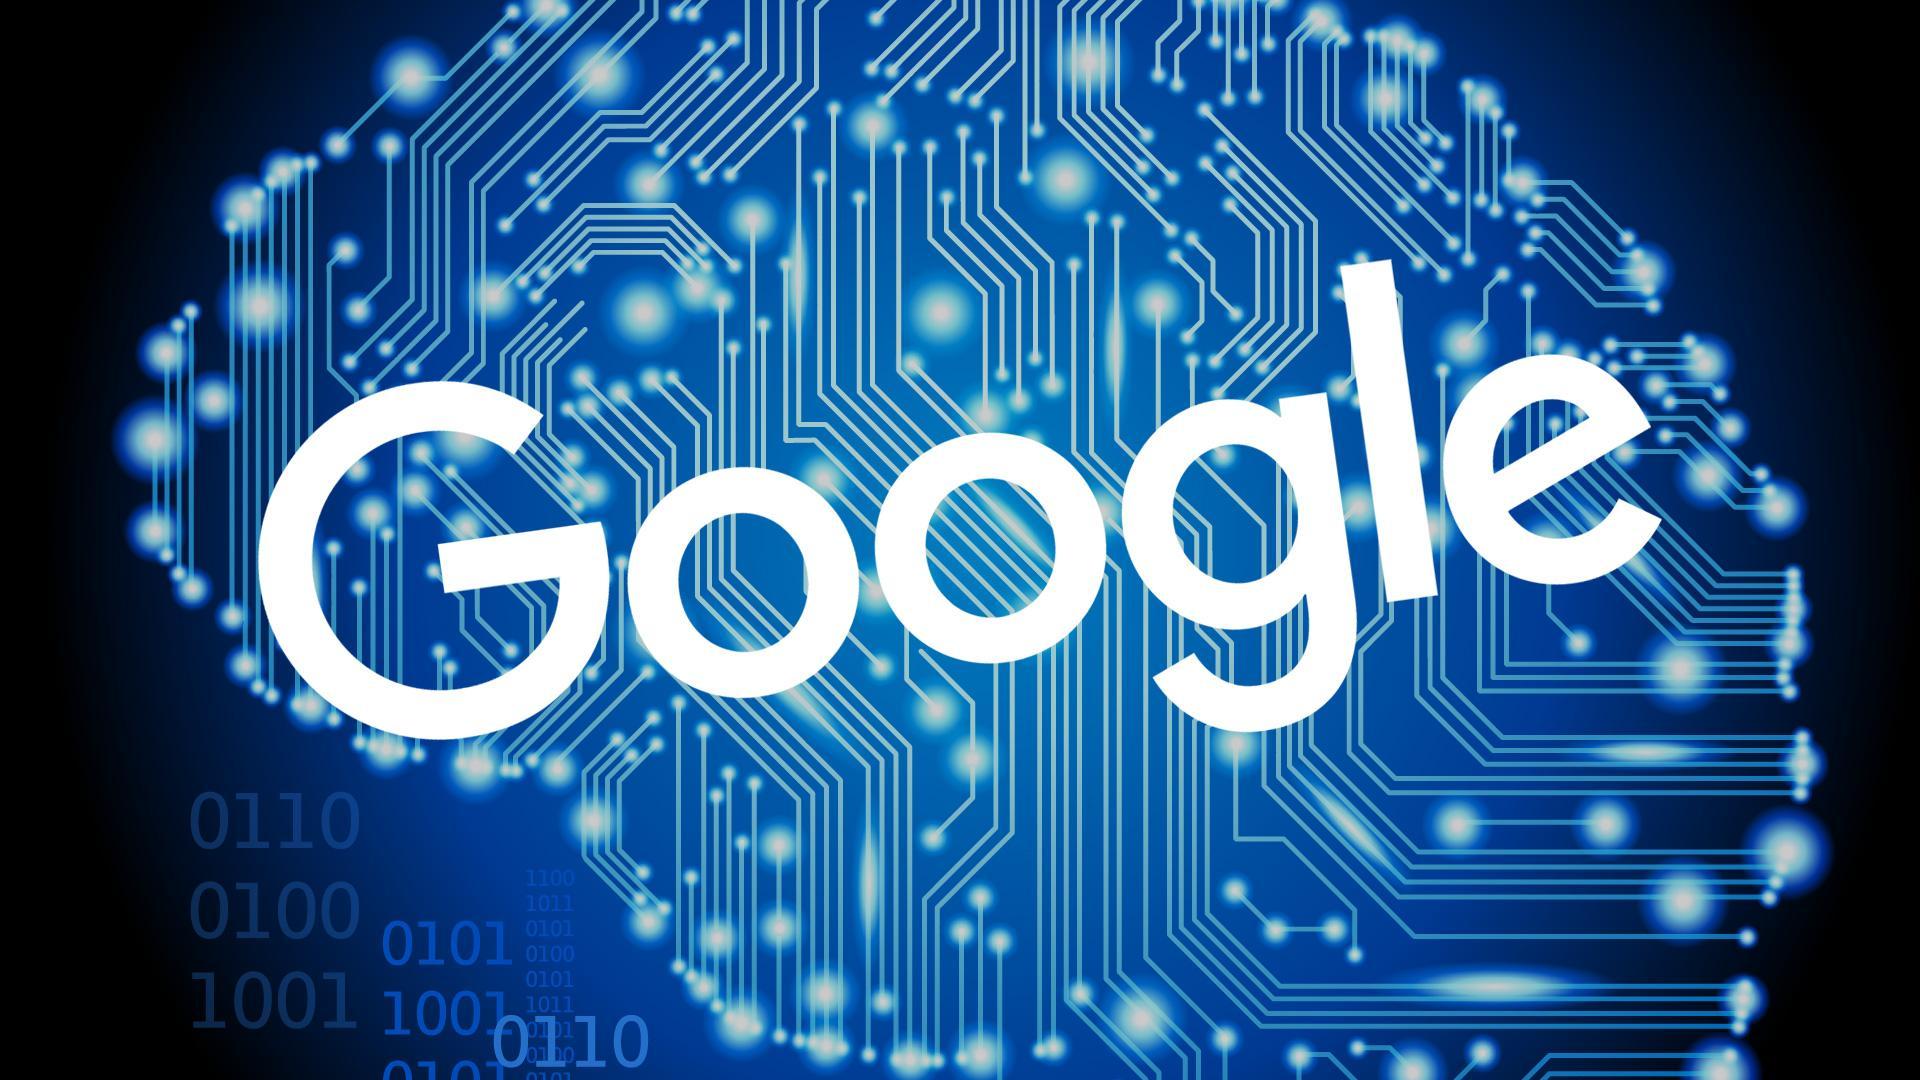 谷歌正研发区块链相关技术,支持云存储业务